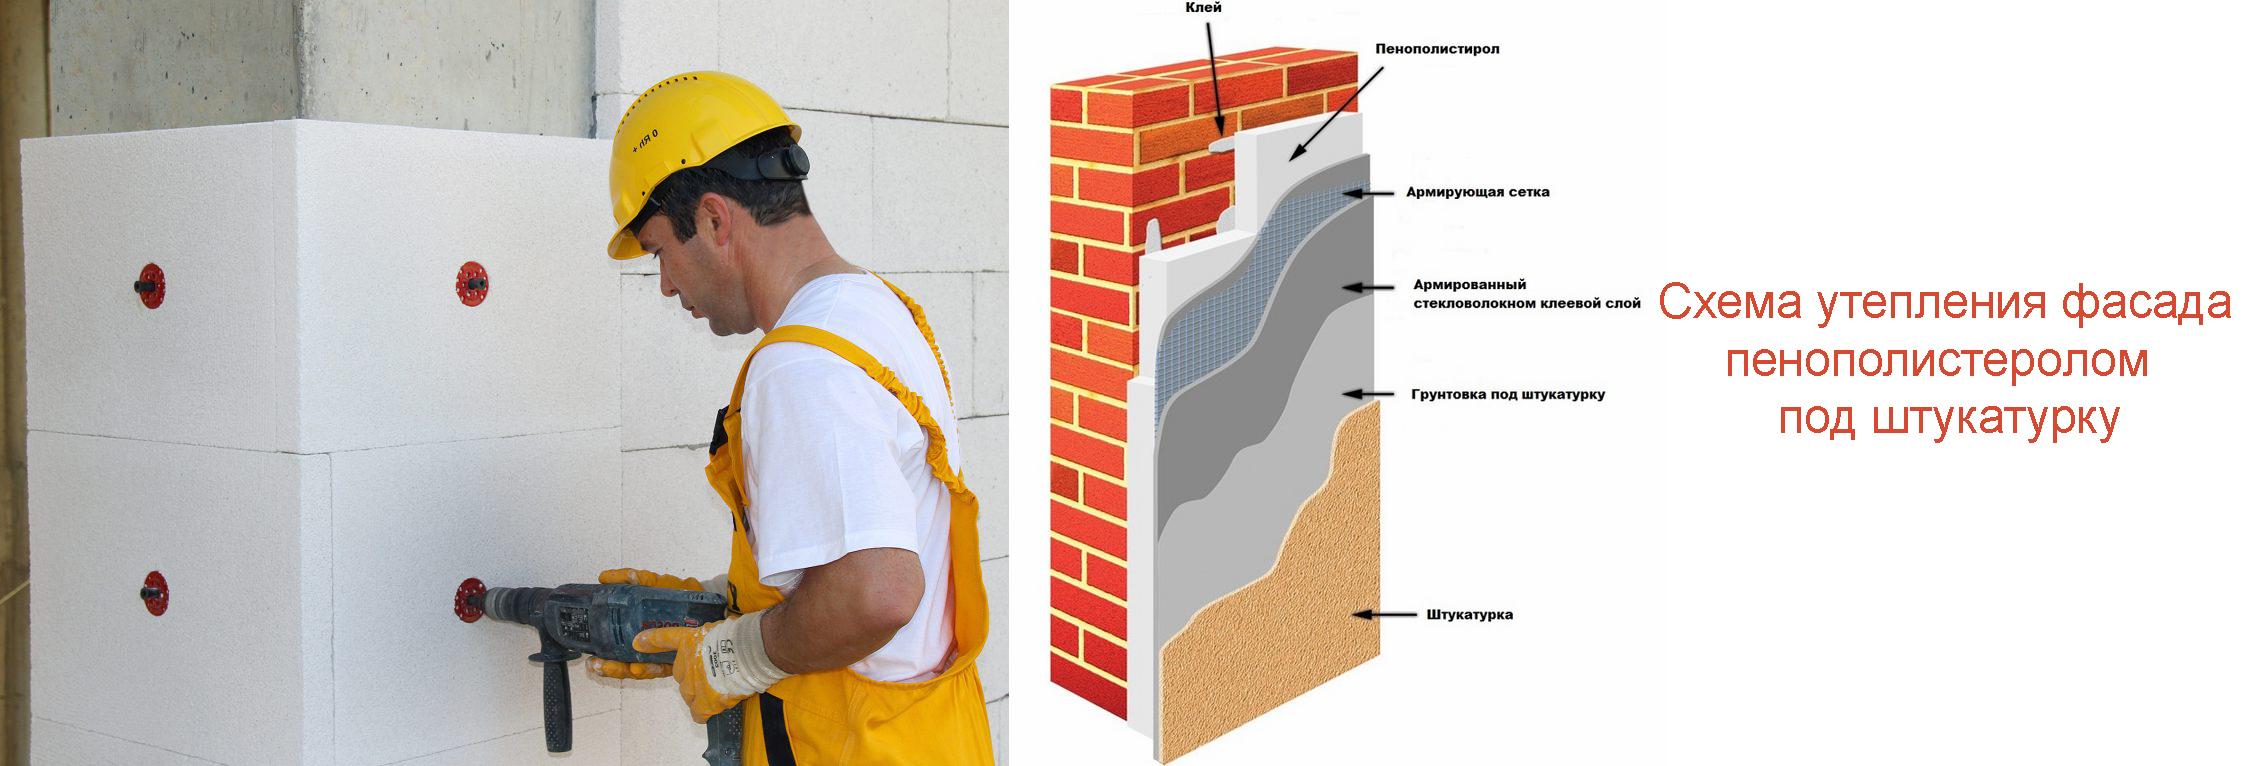 Утепление фасада снаружи дома пеноплексом: все о технологии отделки под штукатурку и сайдинг, а также как сделать все своими руками